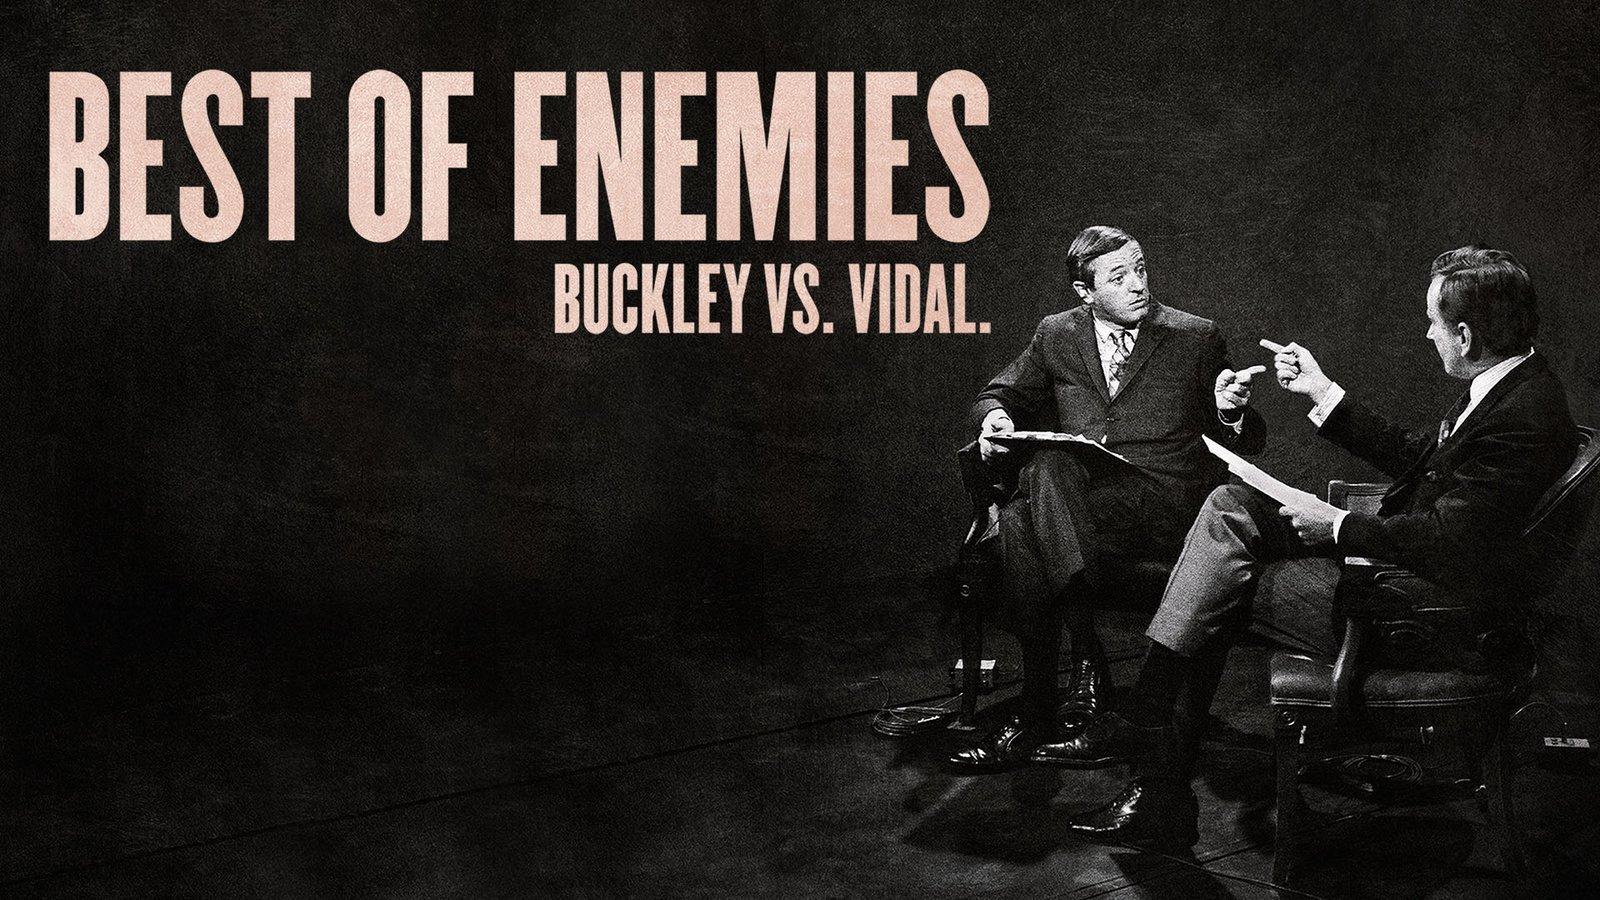 Best of Enemies: Buckley vs. Vidal - Political Debates Between William F. Buckley Jr. and Gore Vidal